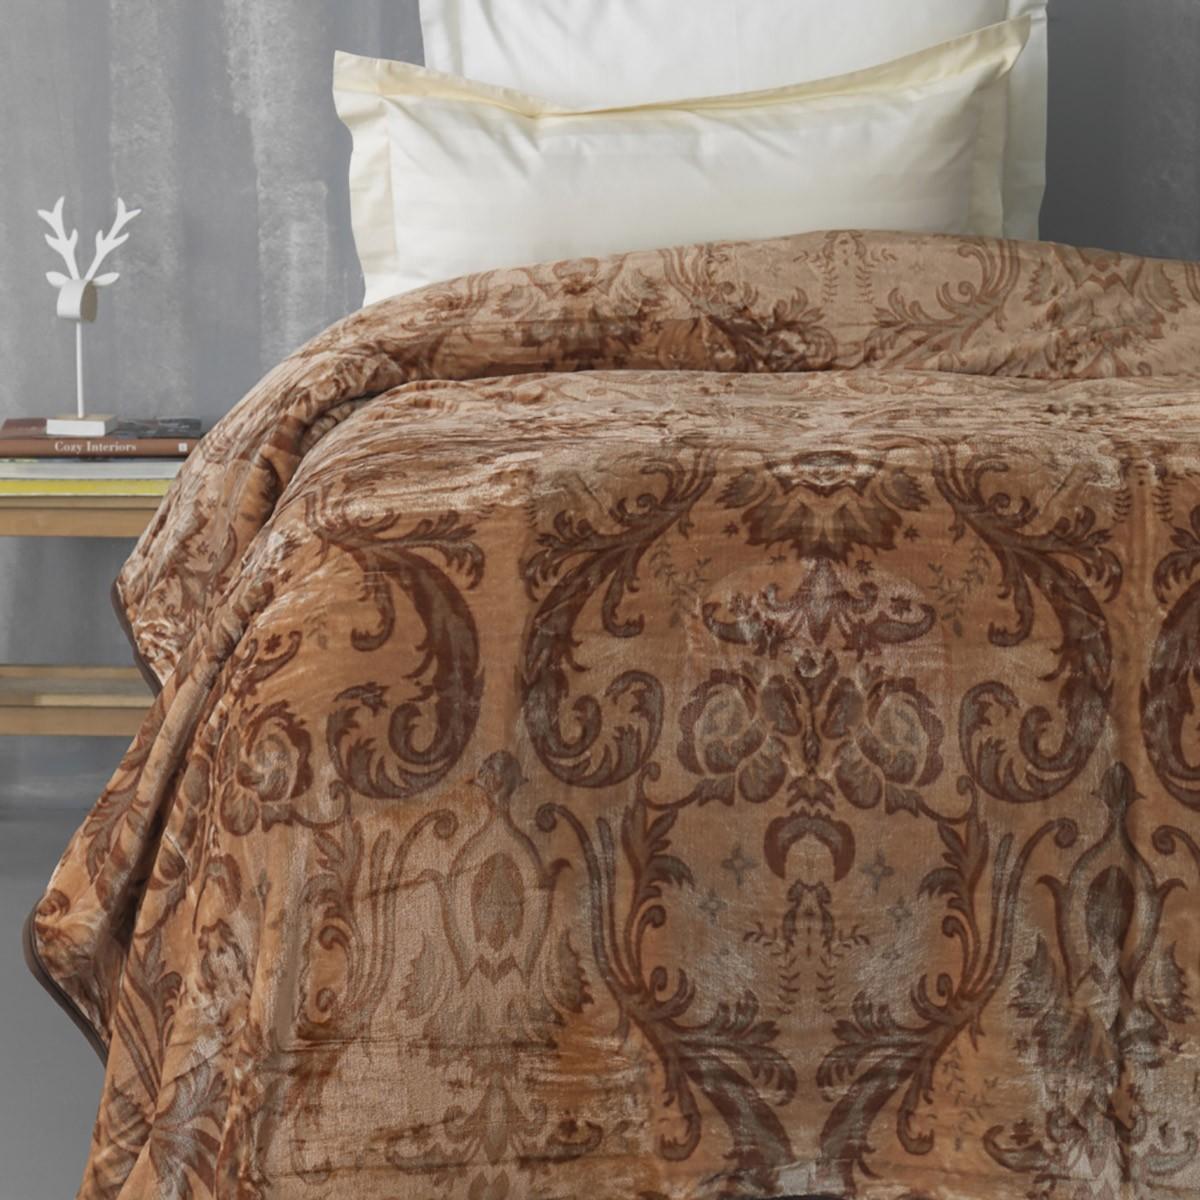 Κουβέρτα Fleece Μονή Palamaiki Silky 245 home   κρεβατοκάμαρα   κουβέρτες   κουβέρτες fleece μονές